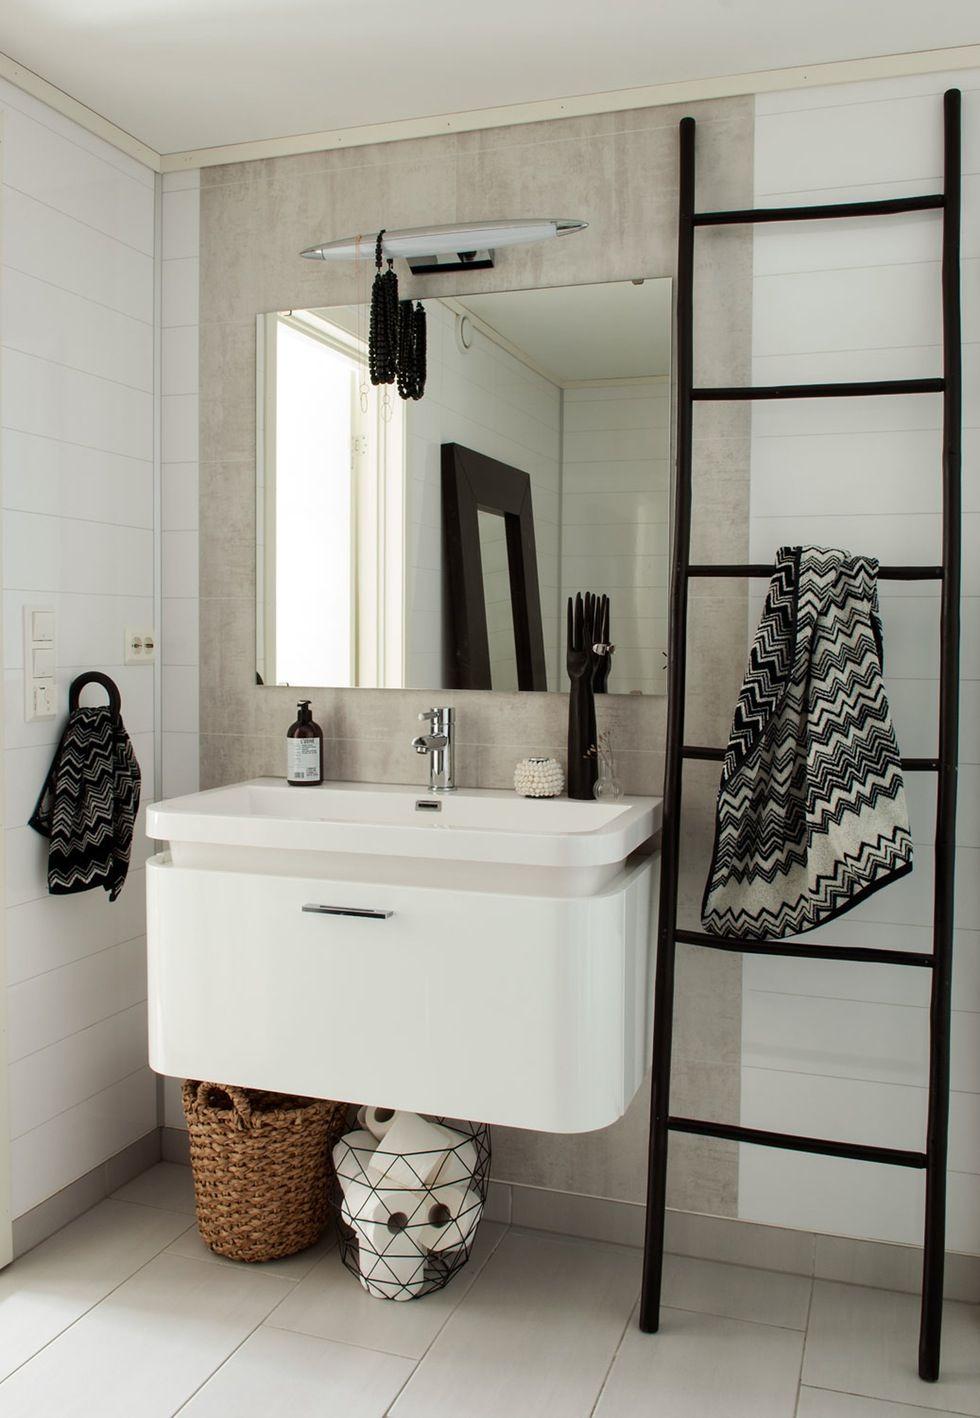 Enkel stil på badet